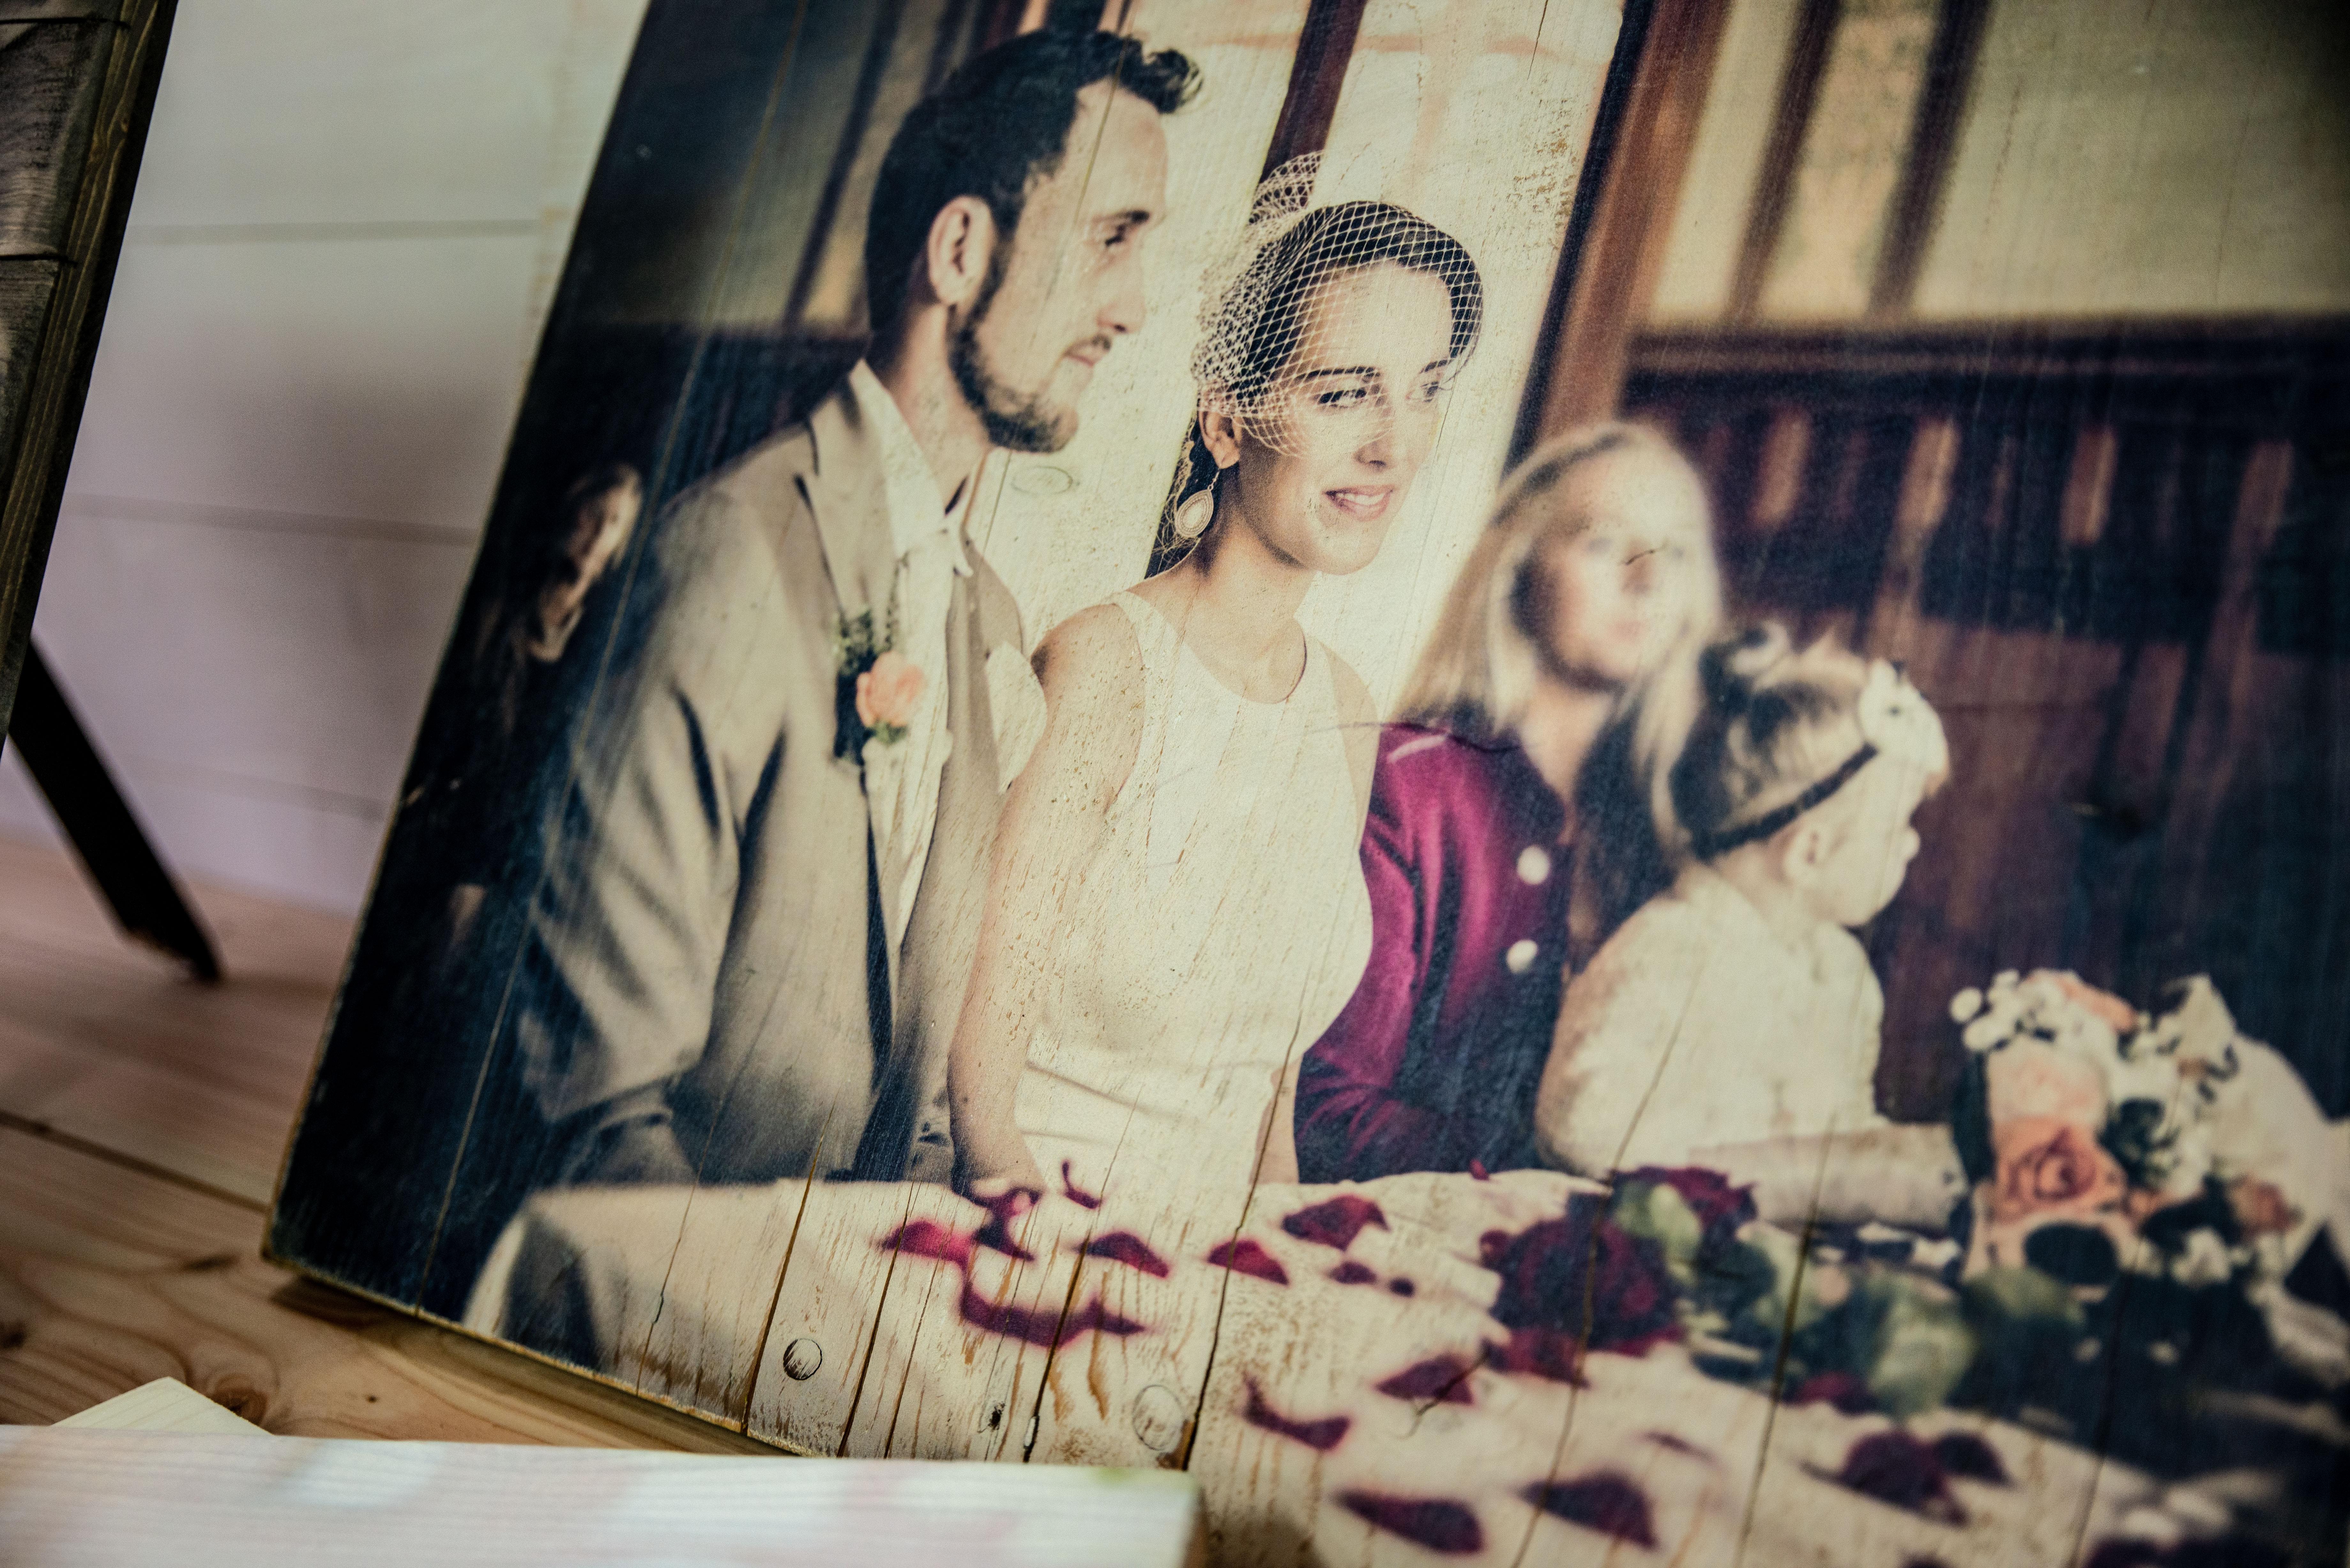 Das-Brautpaar-gedruckt-auf-altem-Holz